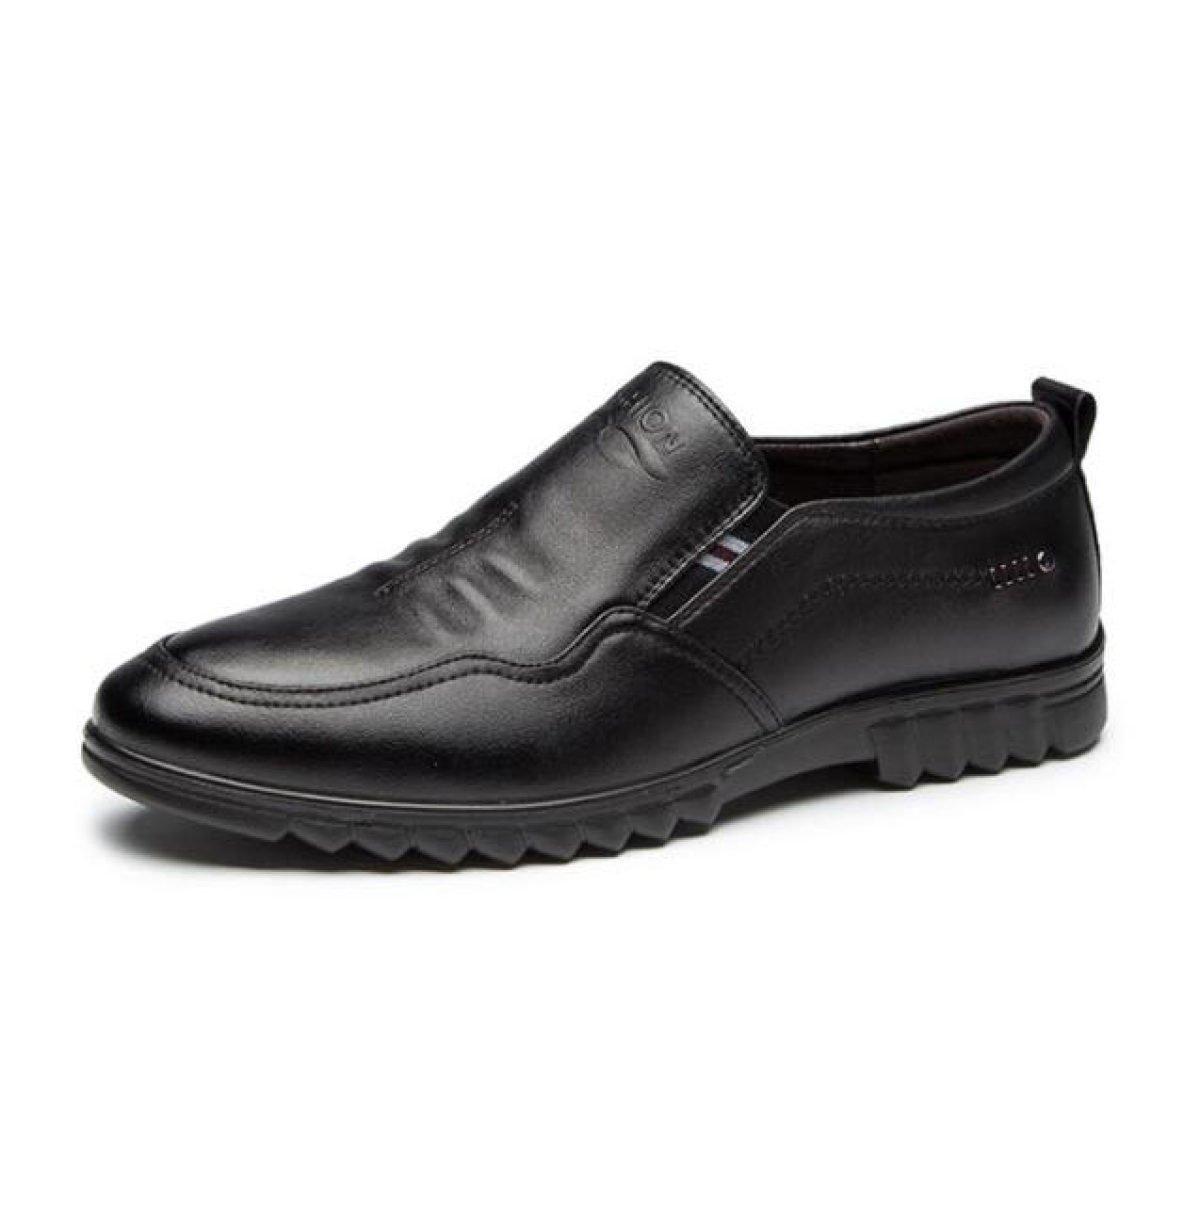 Hombres Zapatos Casuales Cuero Juegos De Pies Zapatos De Padre 43 EU|Blackshoes Blackshoes